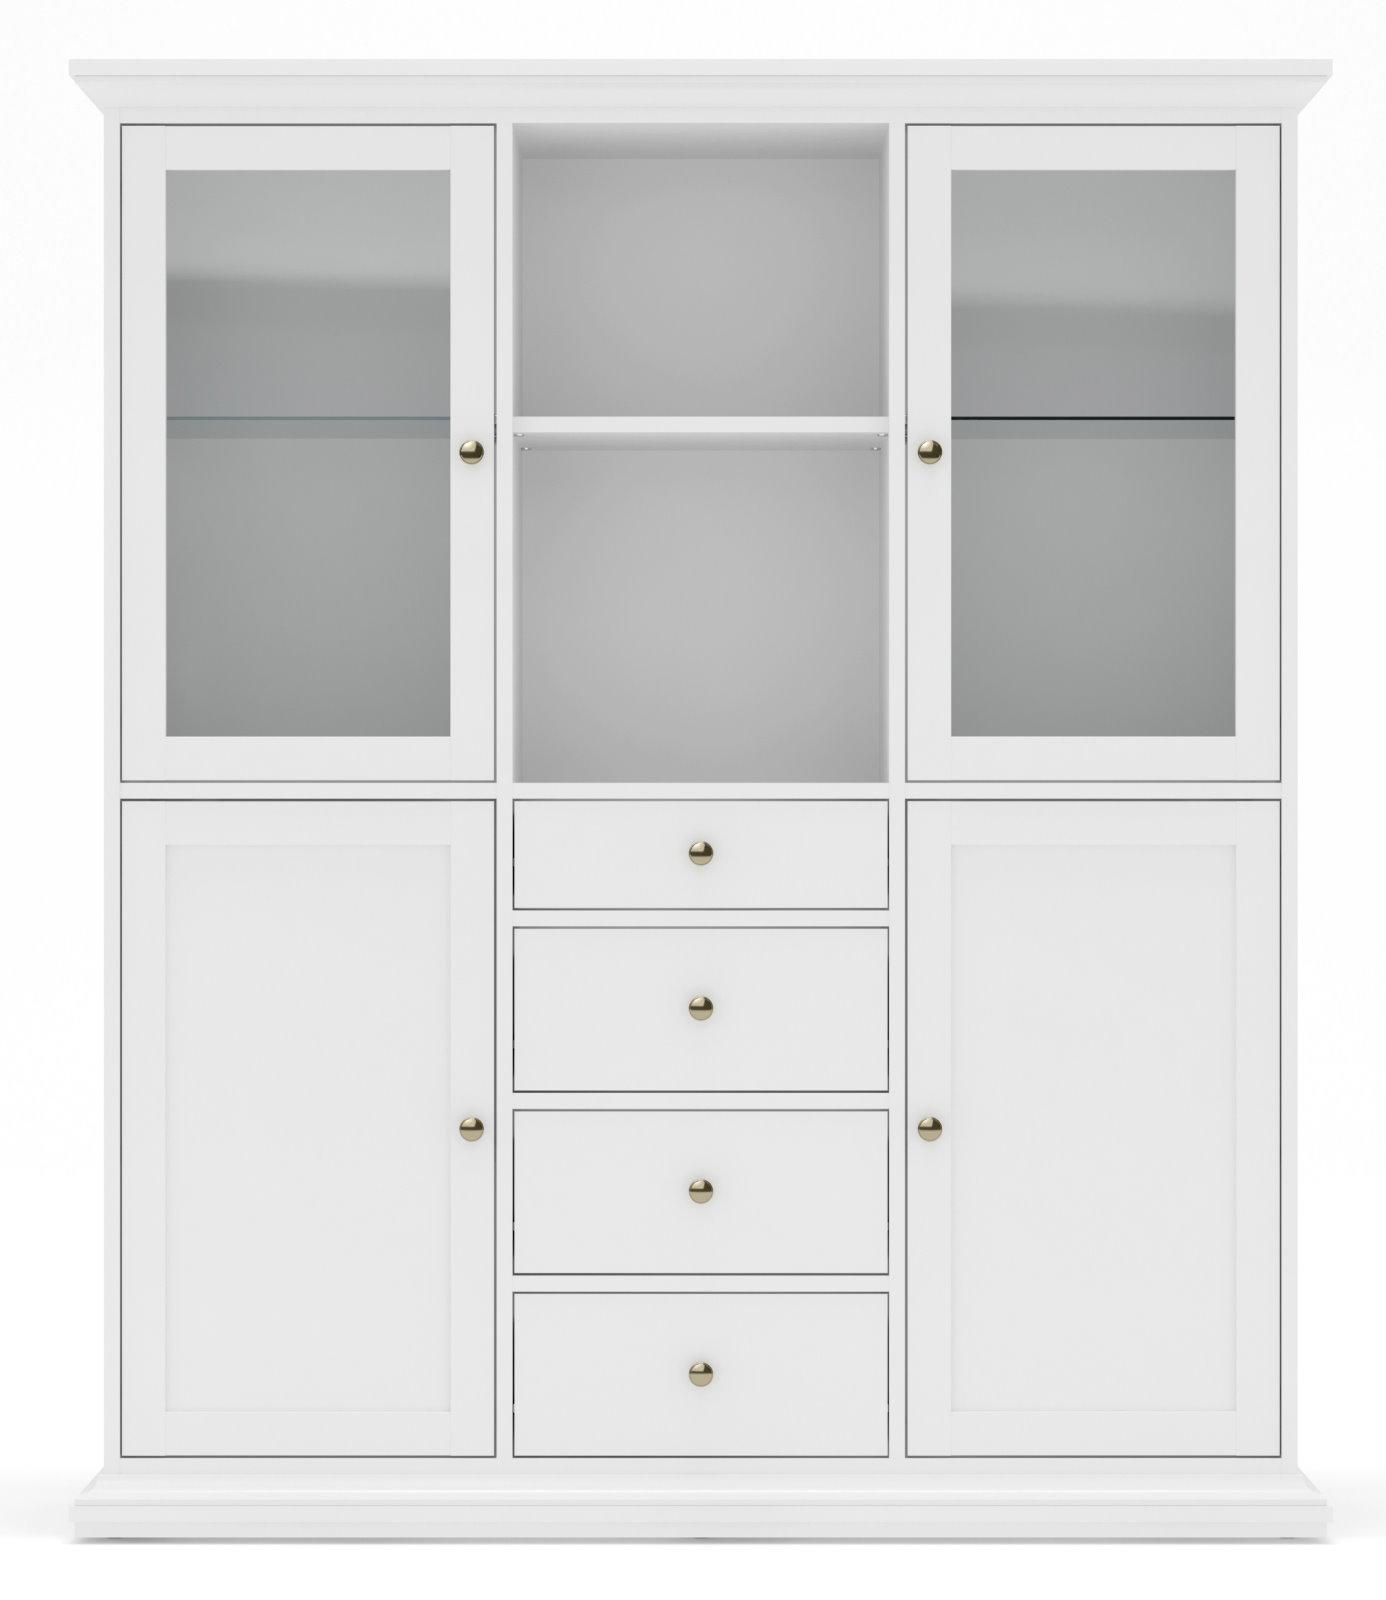 vitrinenschrank paris glas vitrine aufsatzbuffet buffet anrichte schrank wei m bel wohnen. Black Bedroom Furniture Sets. Home Design Ideas